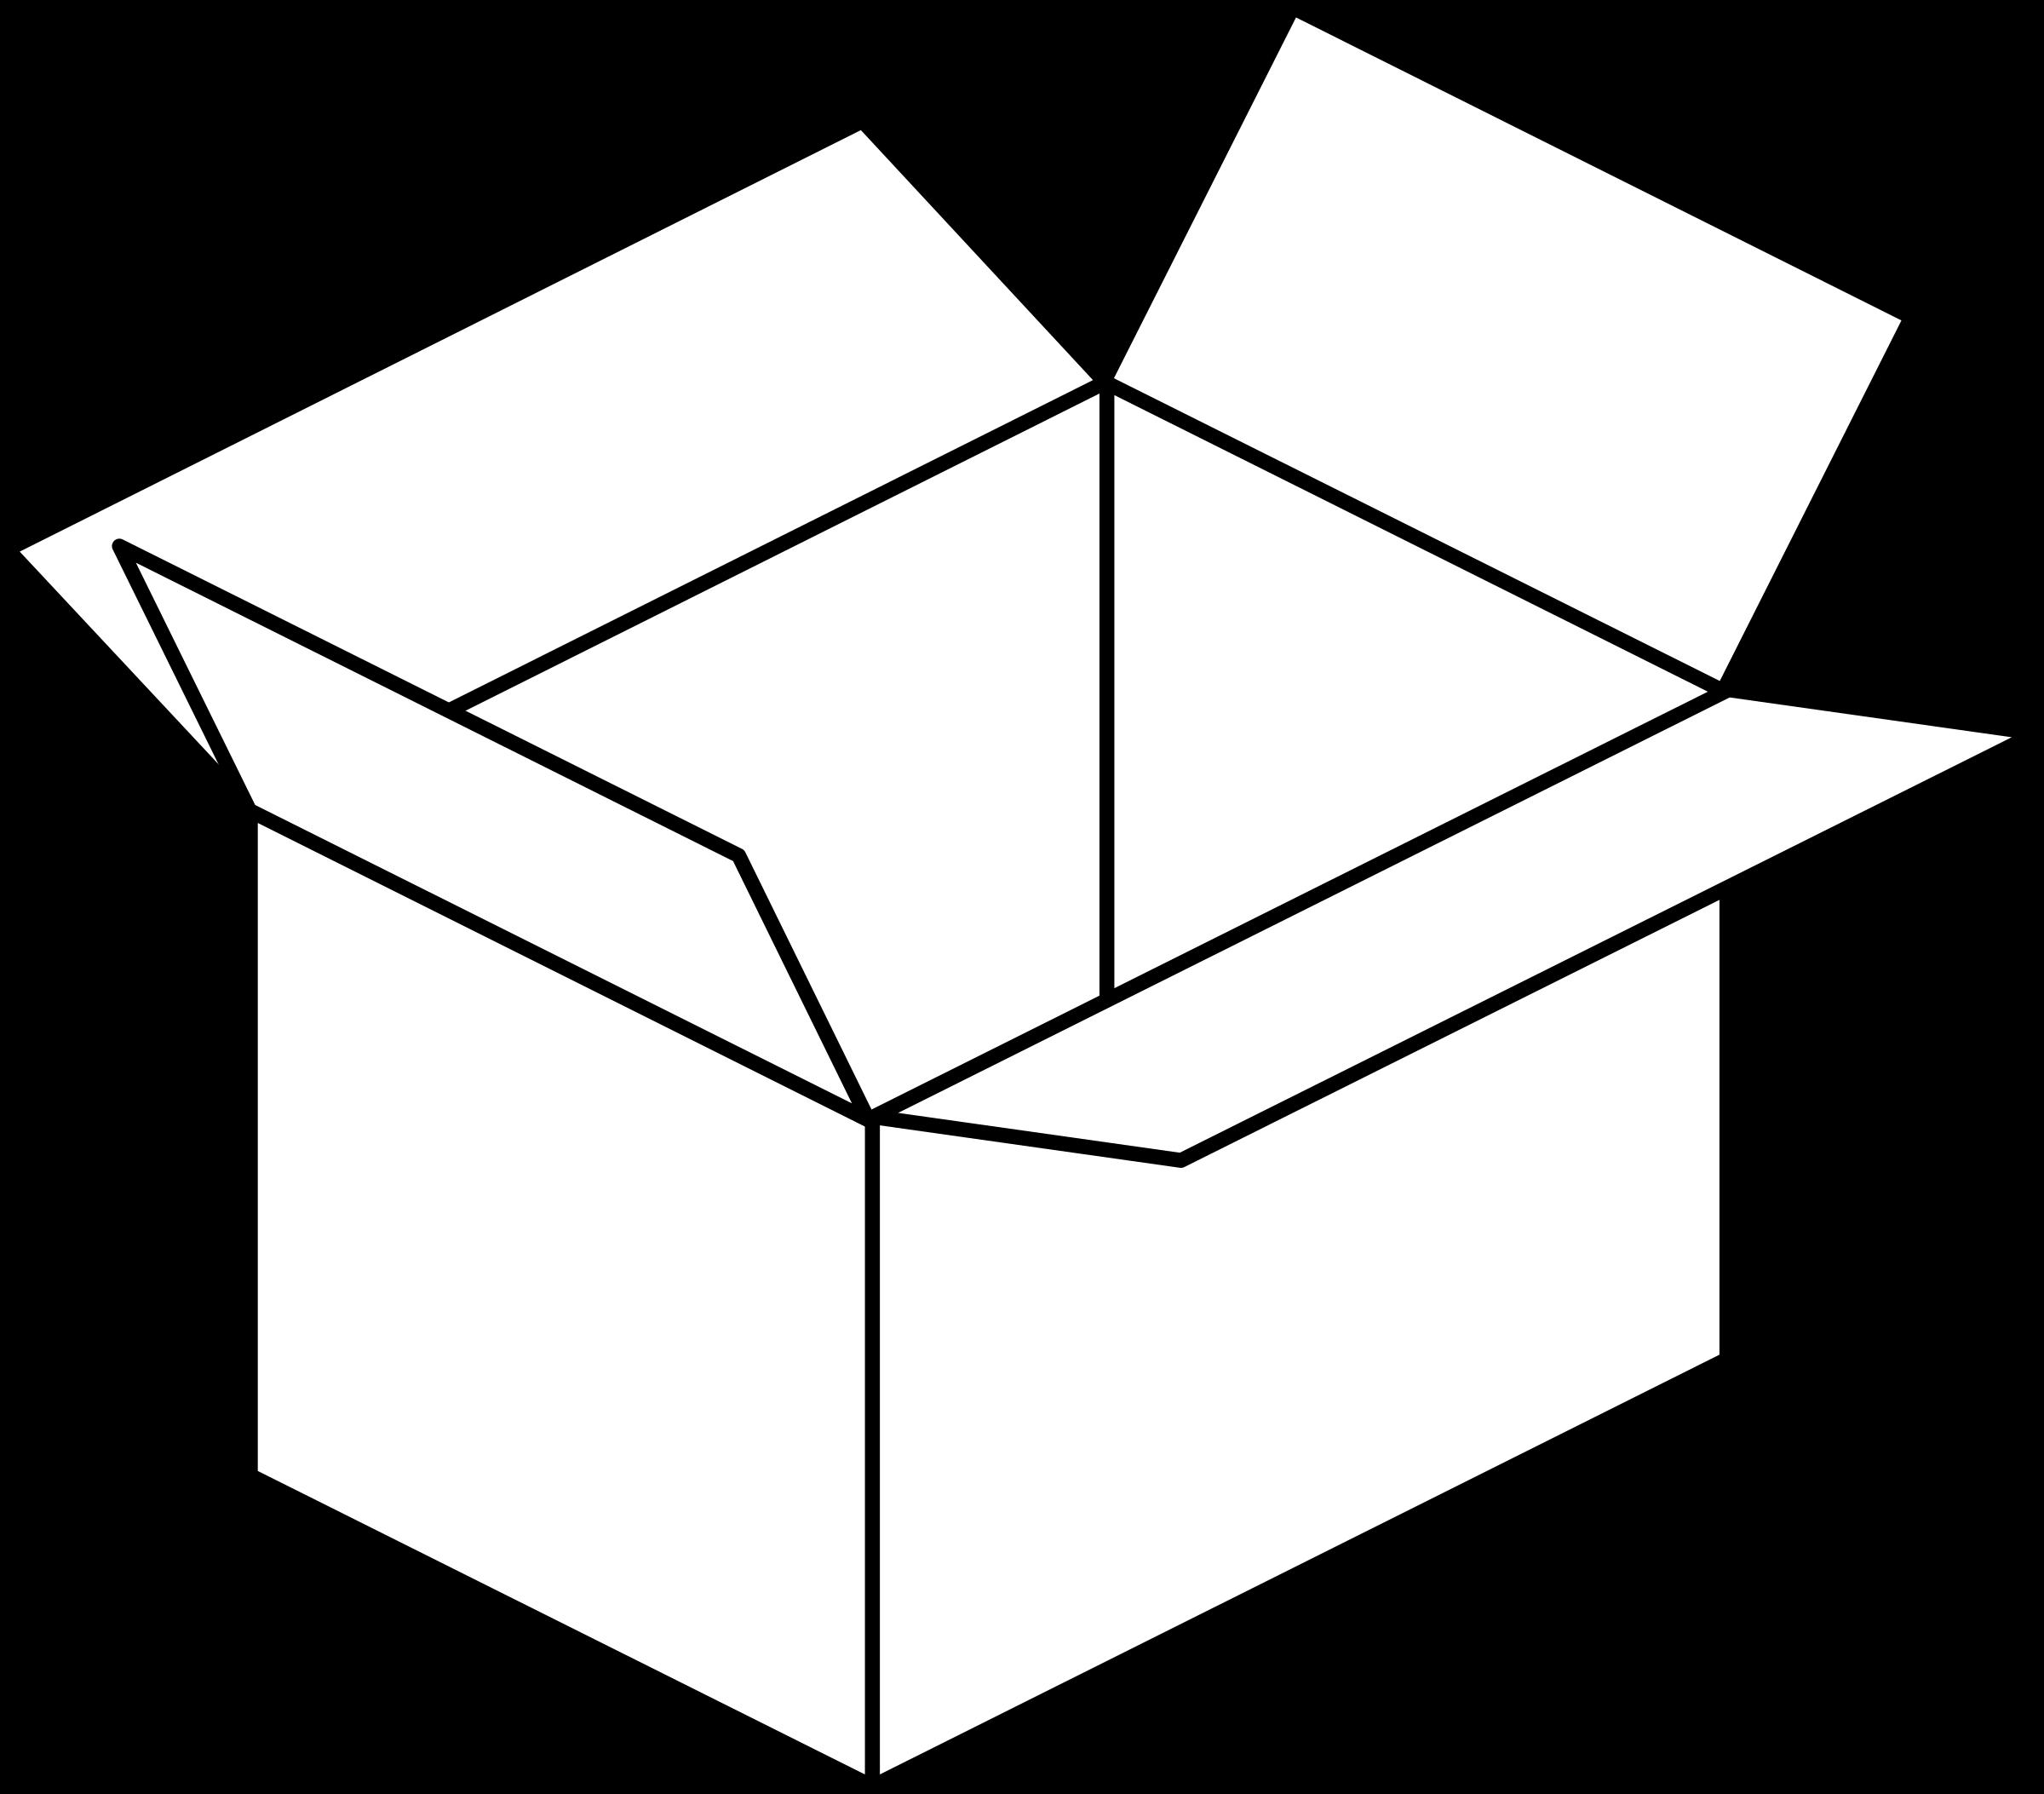 Clipart box carton box. Big image png